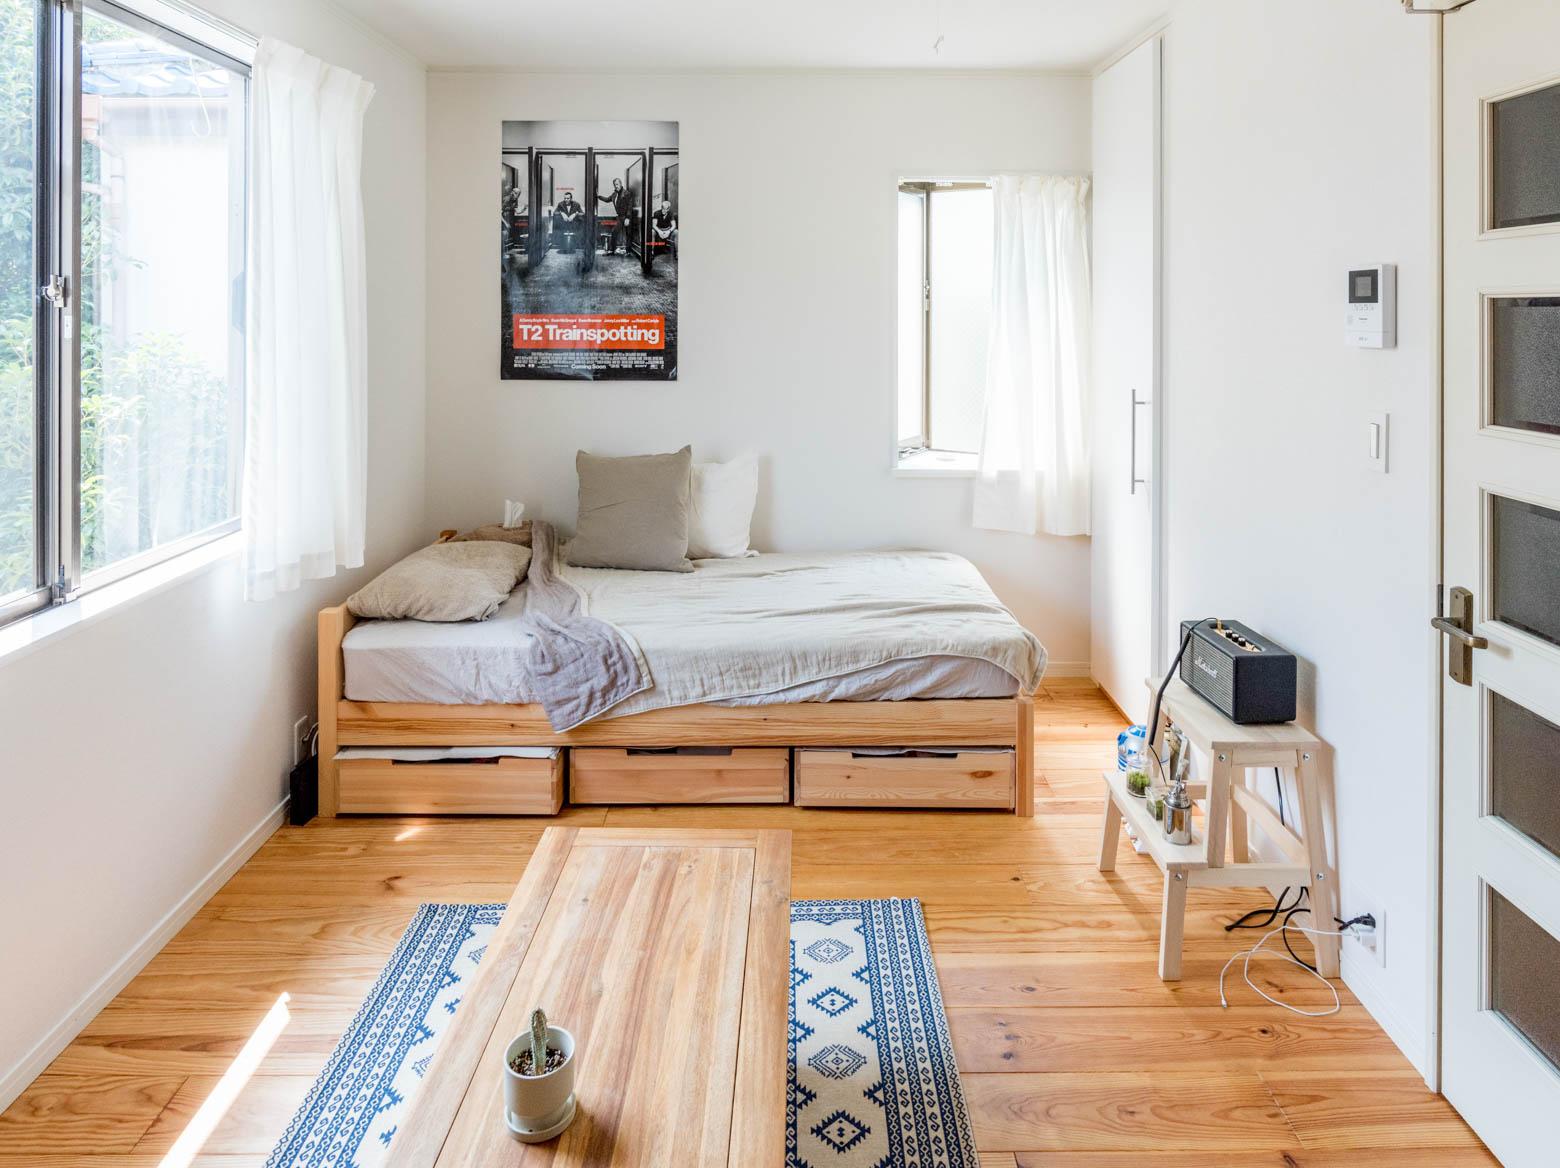 床、ベッド、ローテーブル、サイドテーブルと、すべて木の素材で揃った、見るからに気持ち良さそうな越智さんの部屋